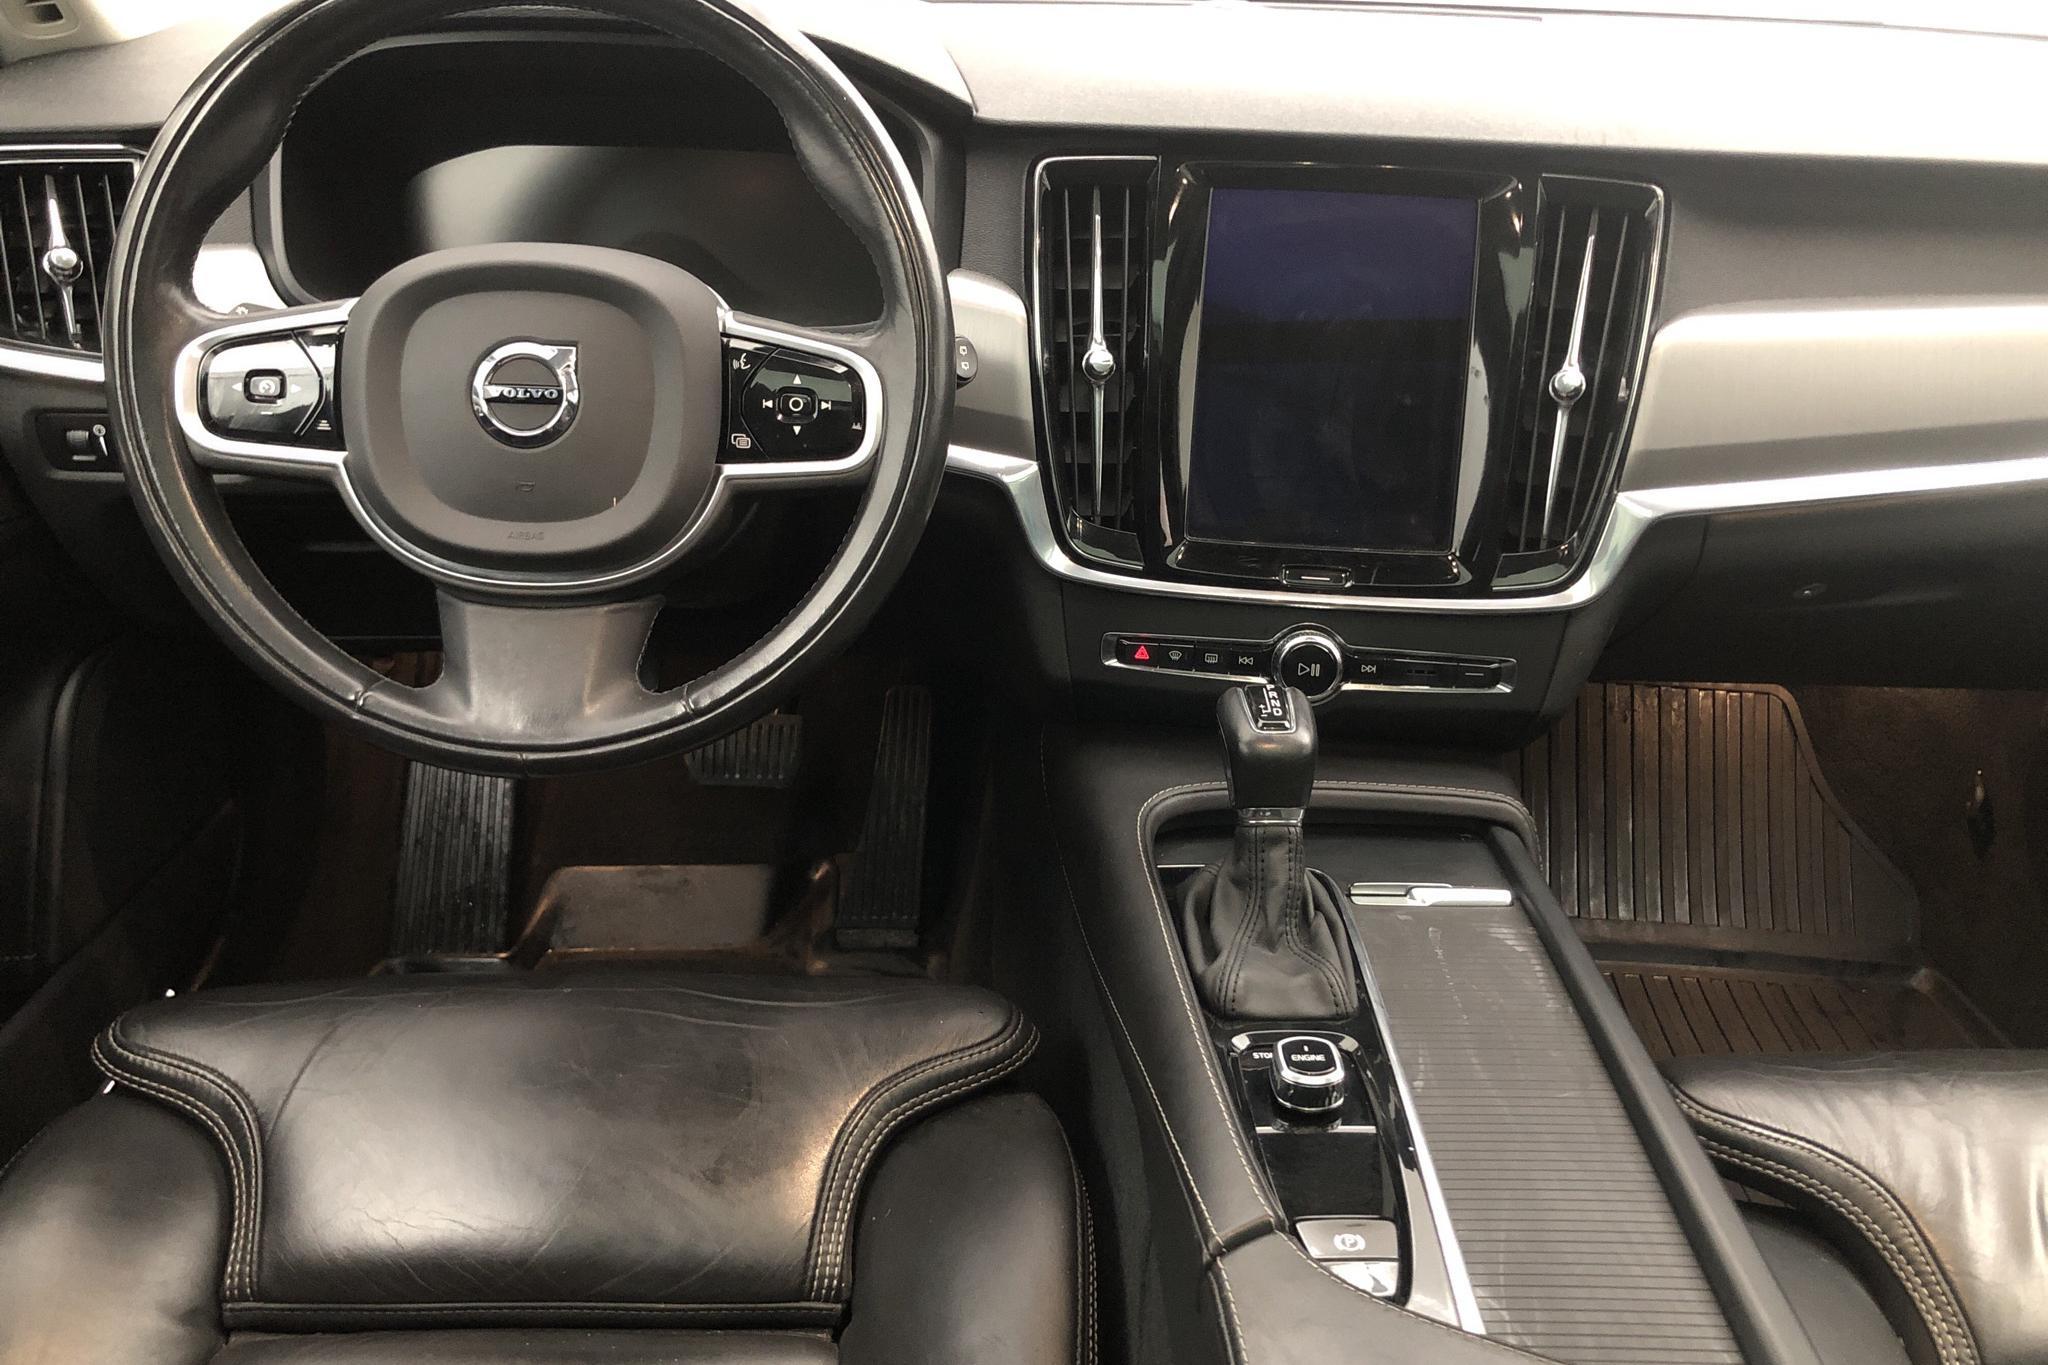 Volvo V90 D5 Cross Country AWD (235hk) - 59 820 km - Automatic - black - 2017